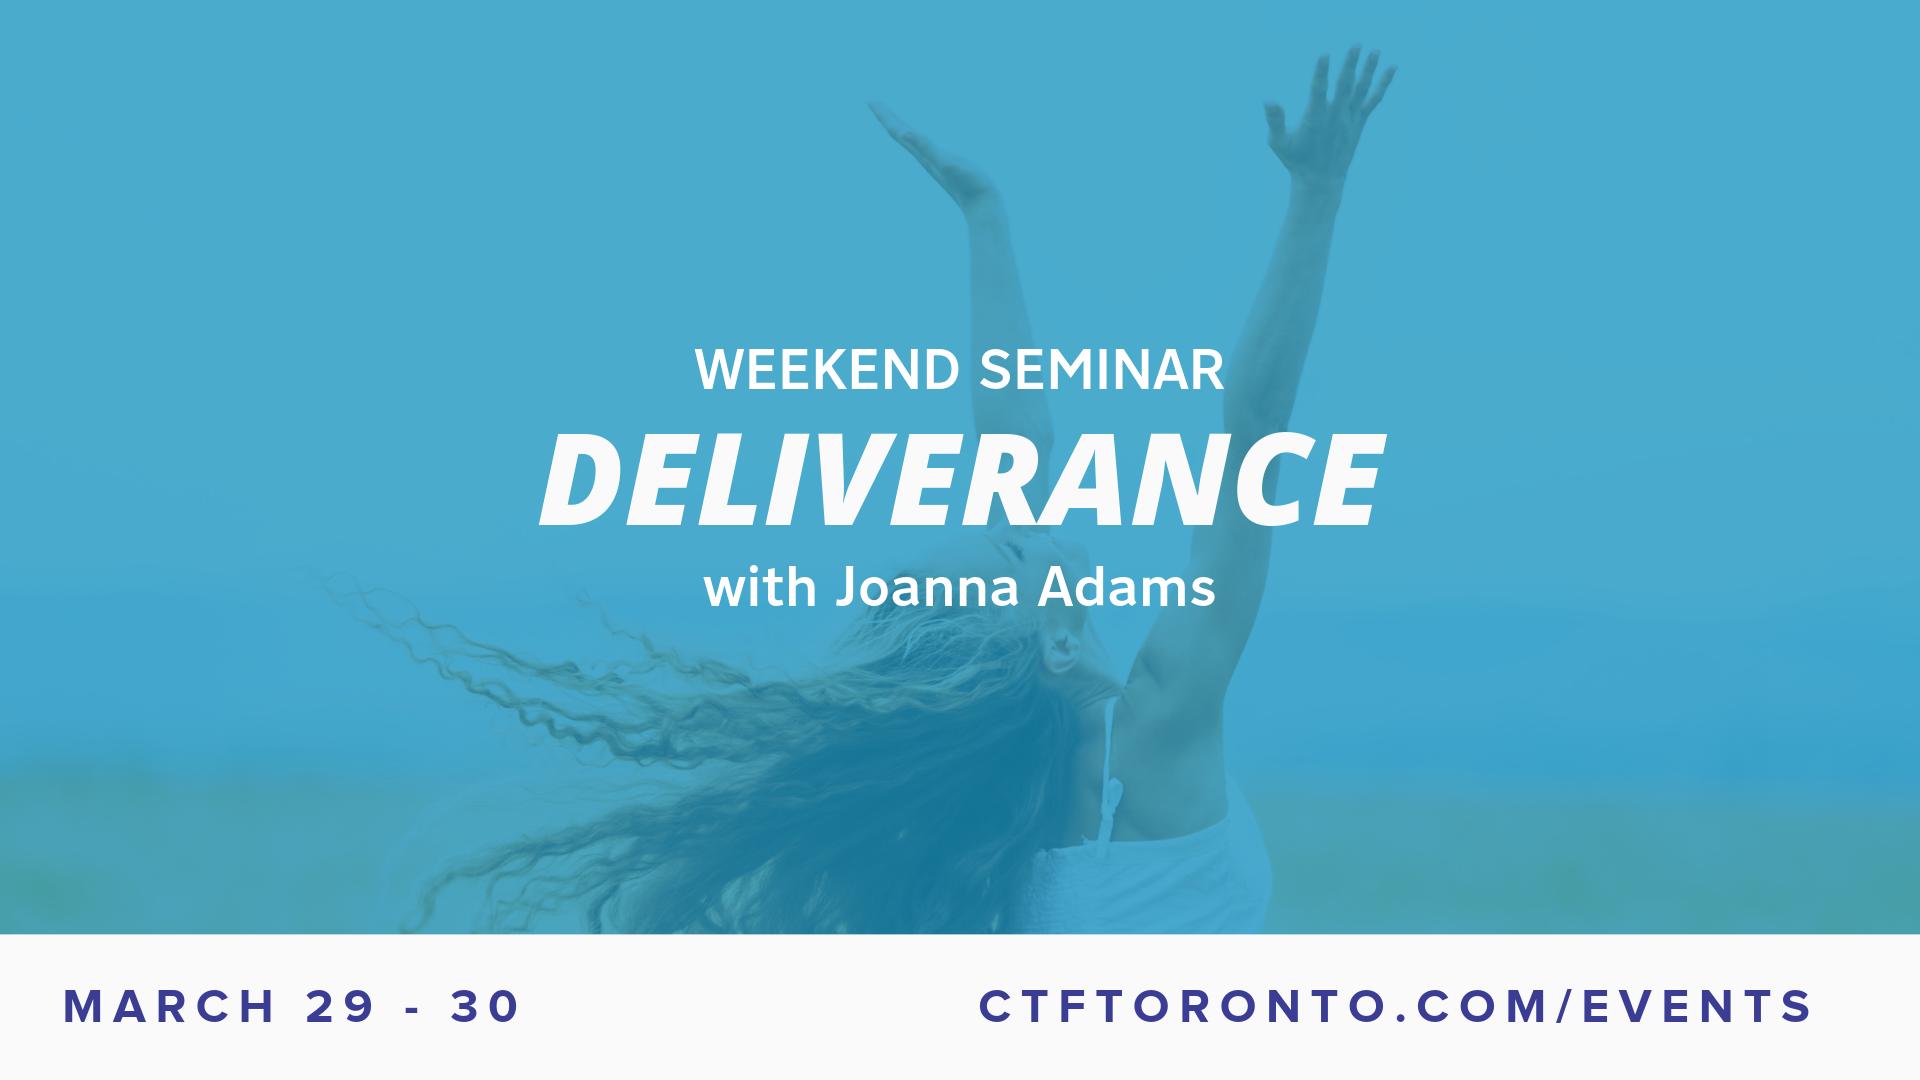 2019 Weekend Seminar.png